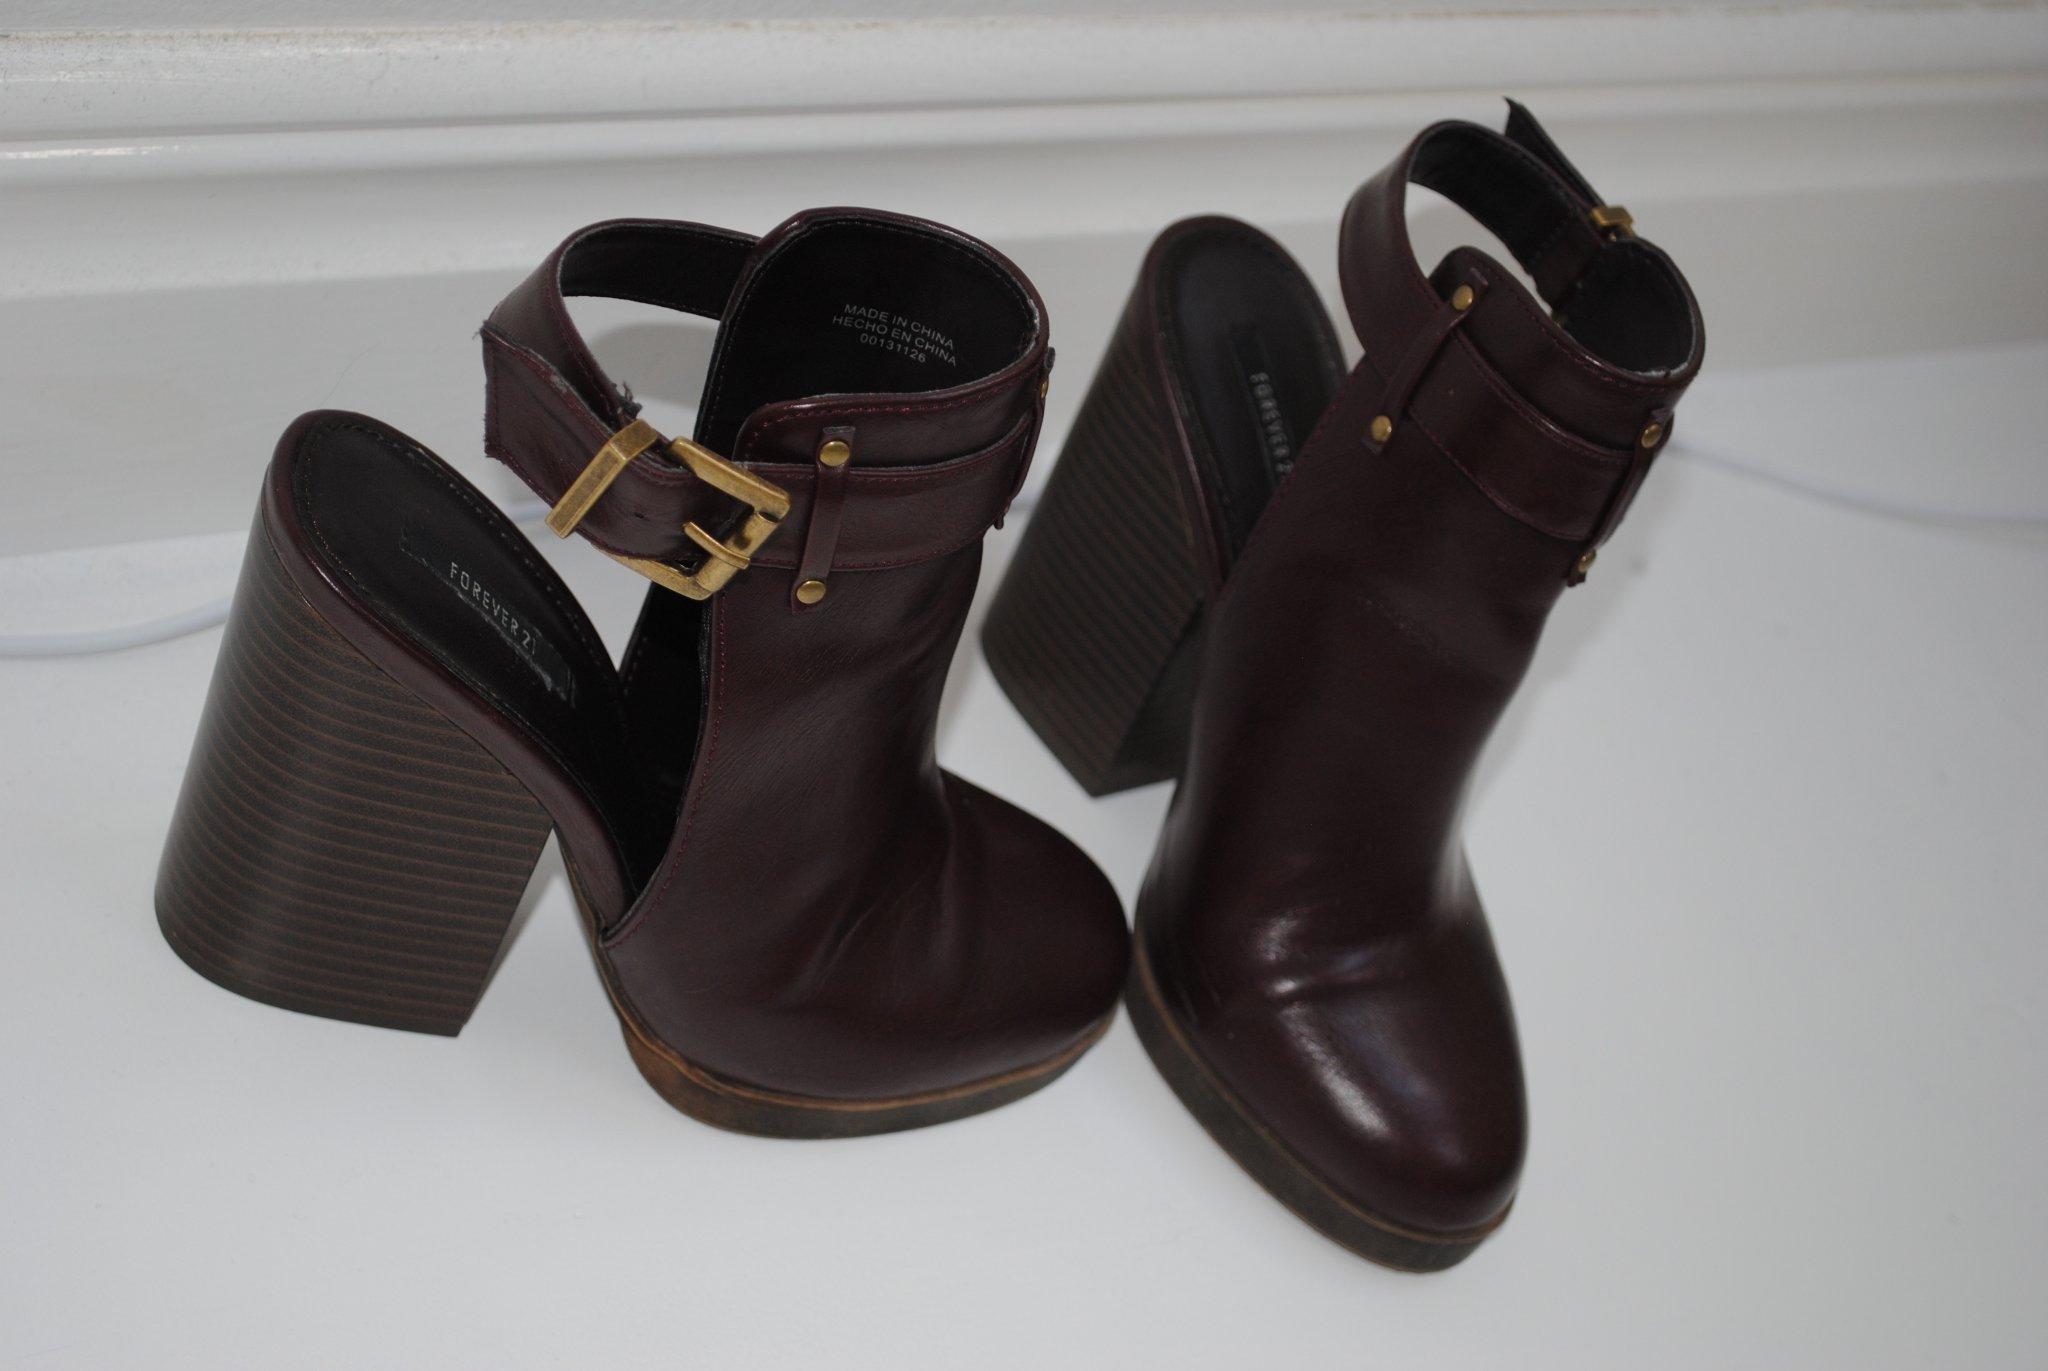 Trendiga klackskor boots med öppen häl och spän.. (383334174